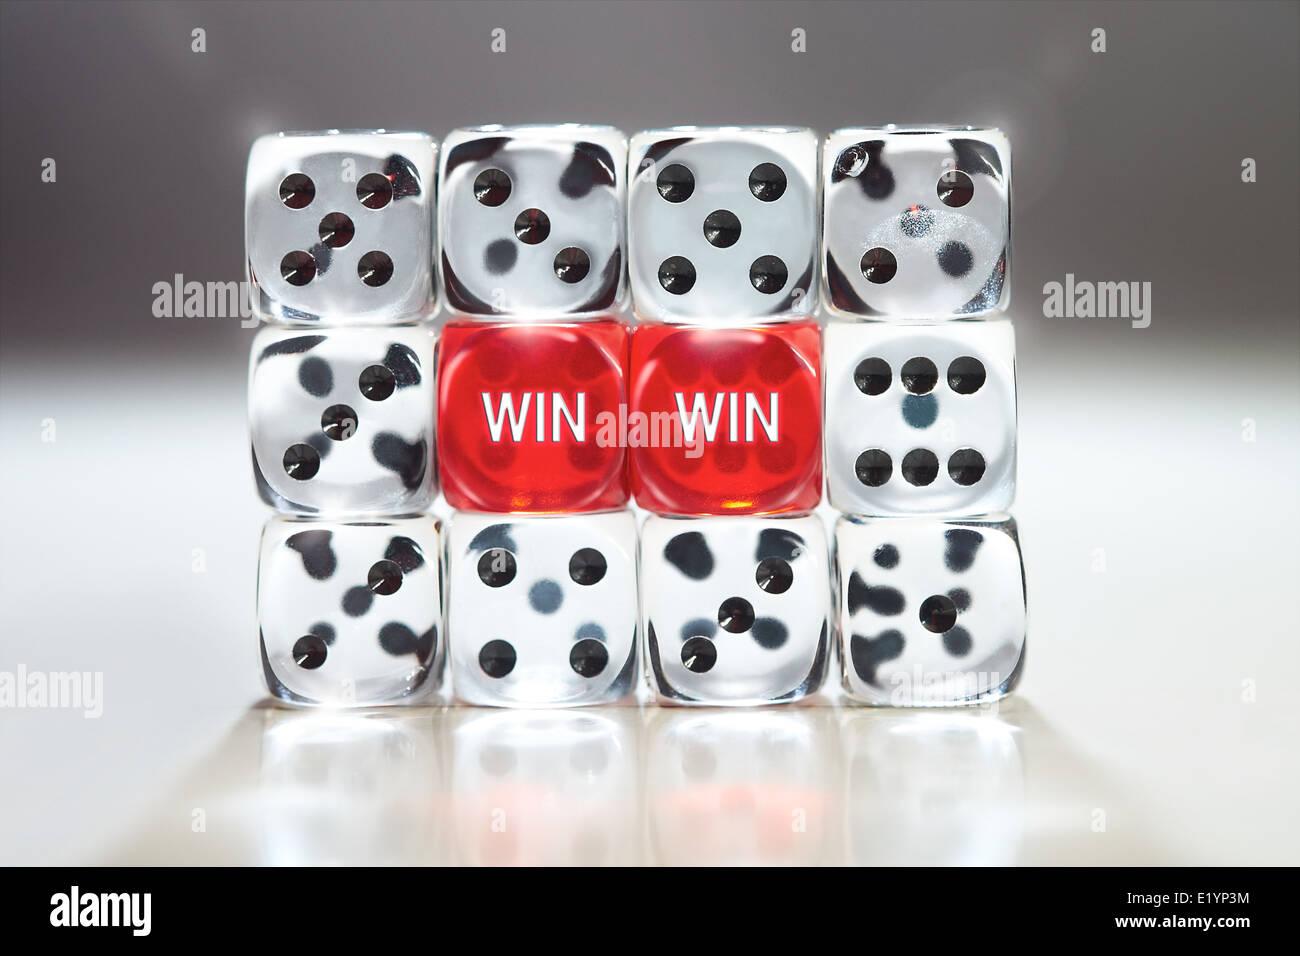 Win Win concetto con due dadi rossi supportato in una parete di cancellare le piastrine. Immagini Stock